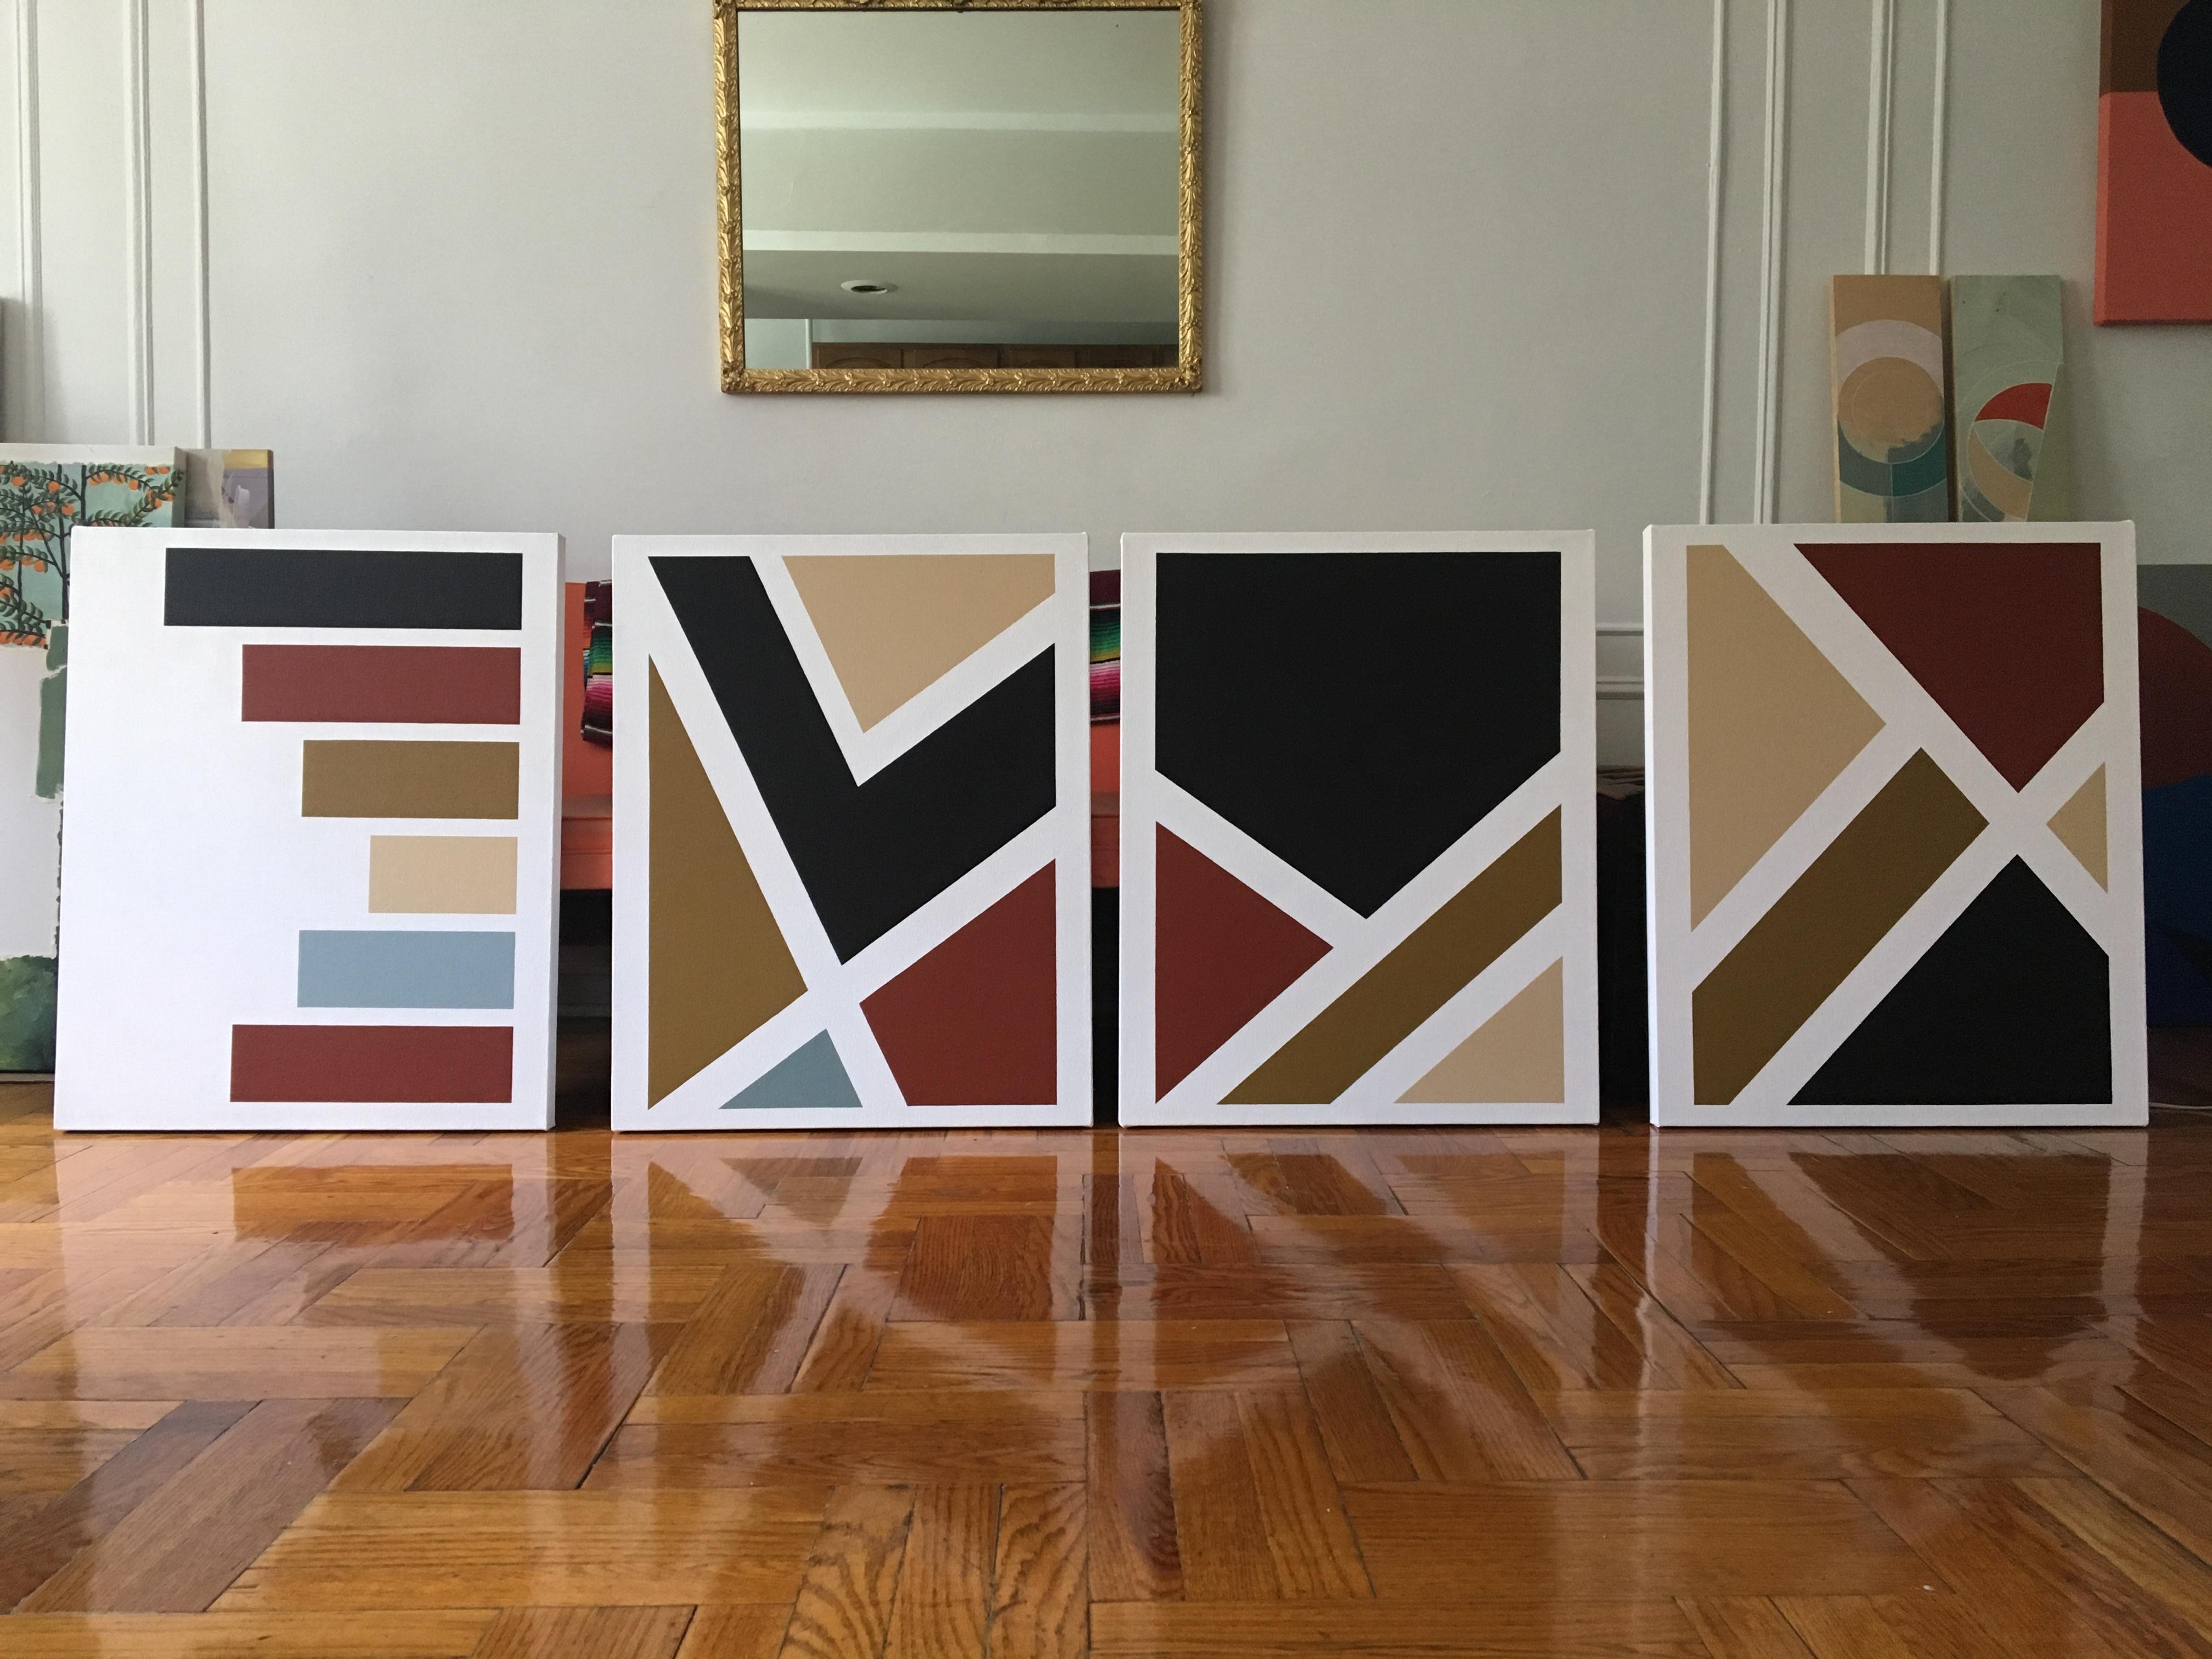 10OX:I, II, III, V